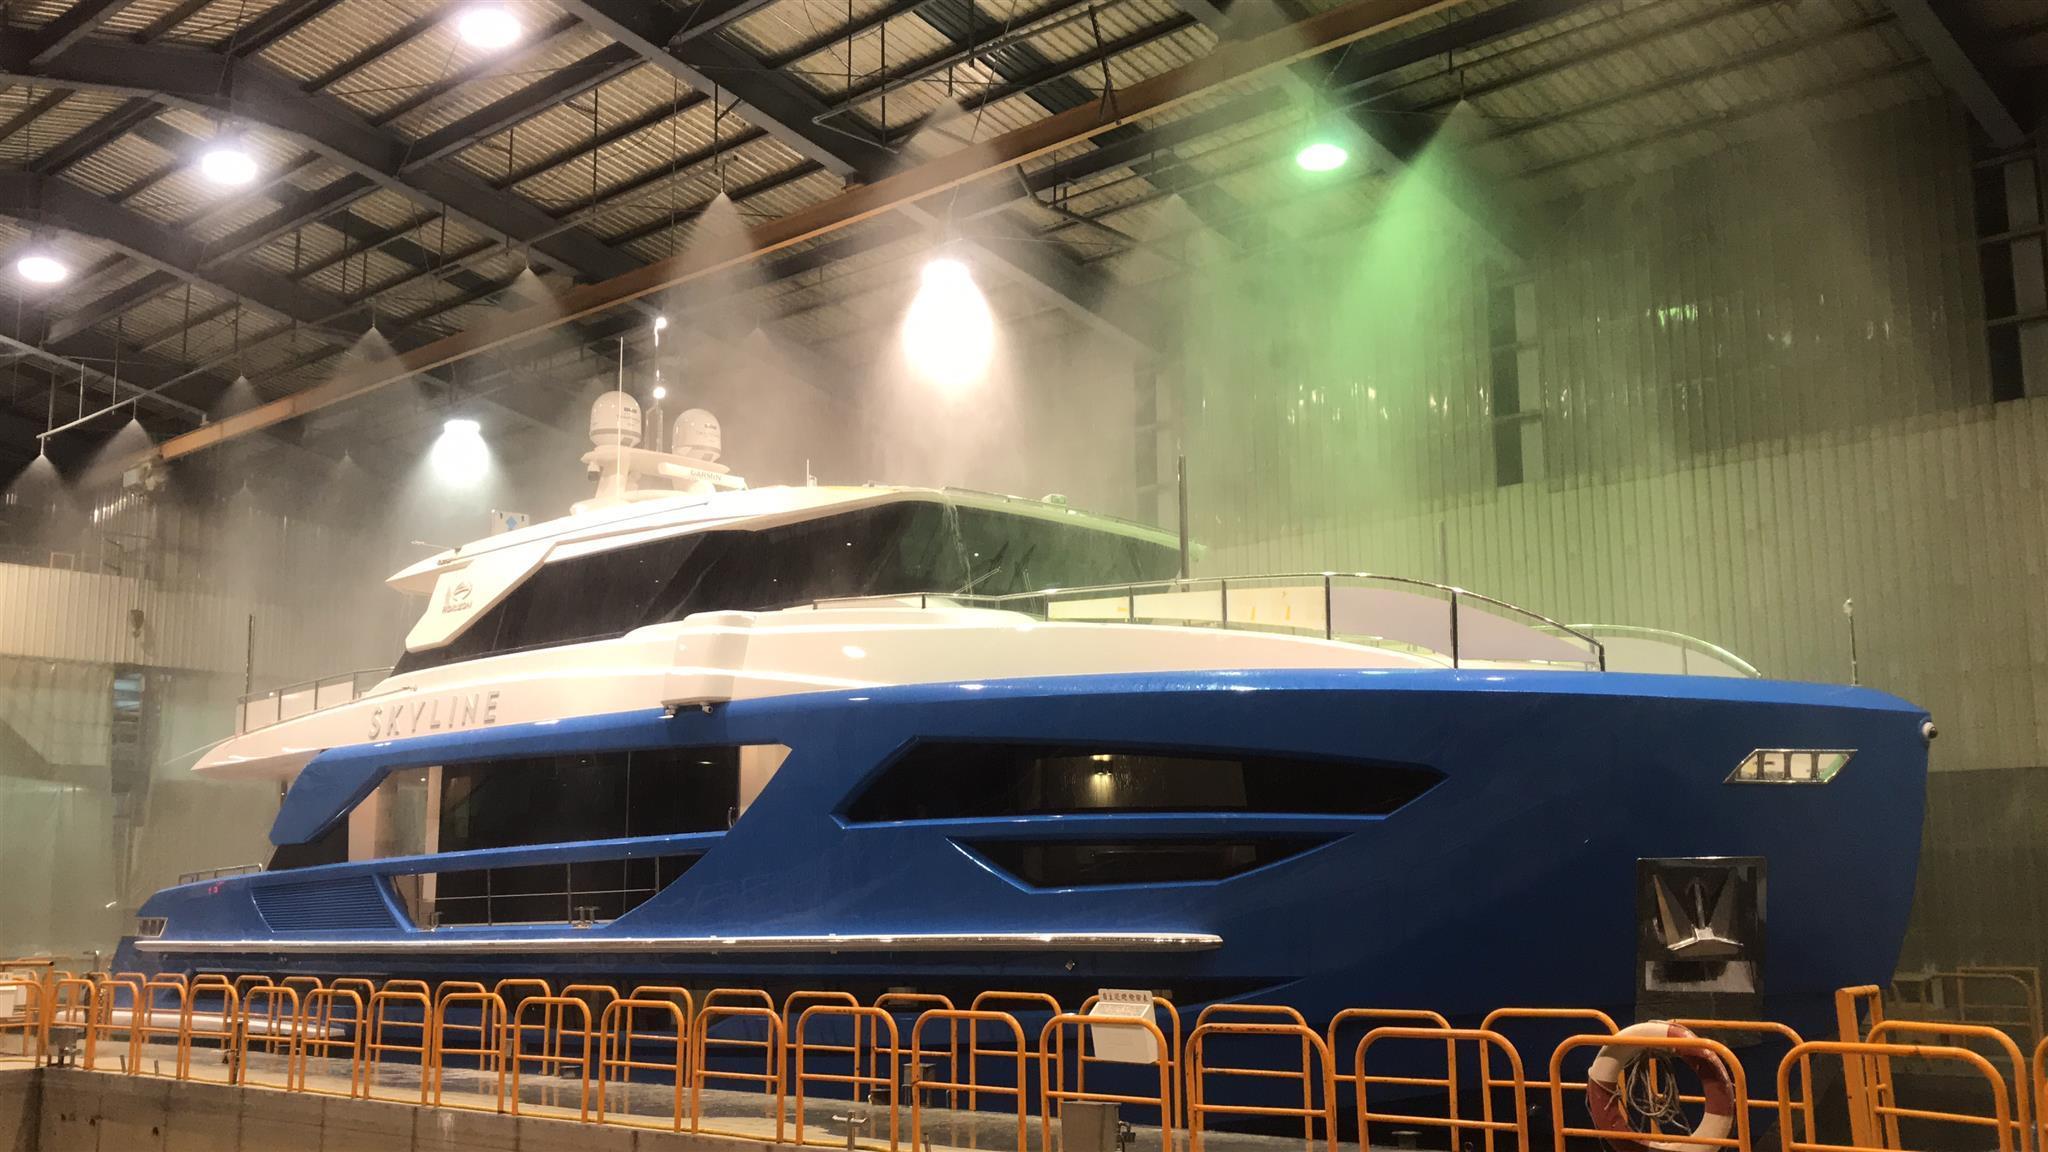 fd 87 skyline motoryacht horizon 2018 26m testing phases